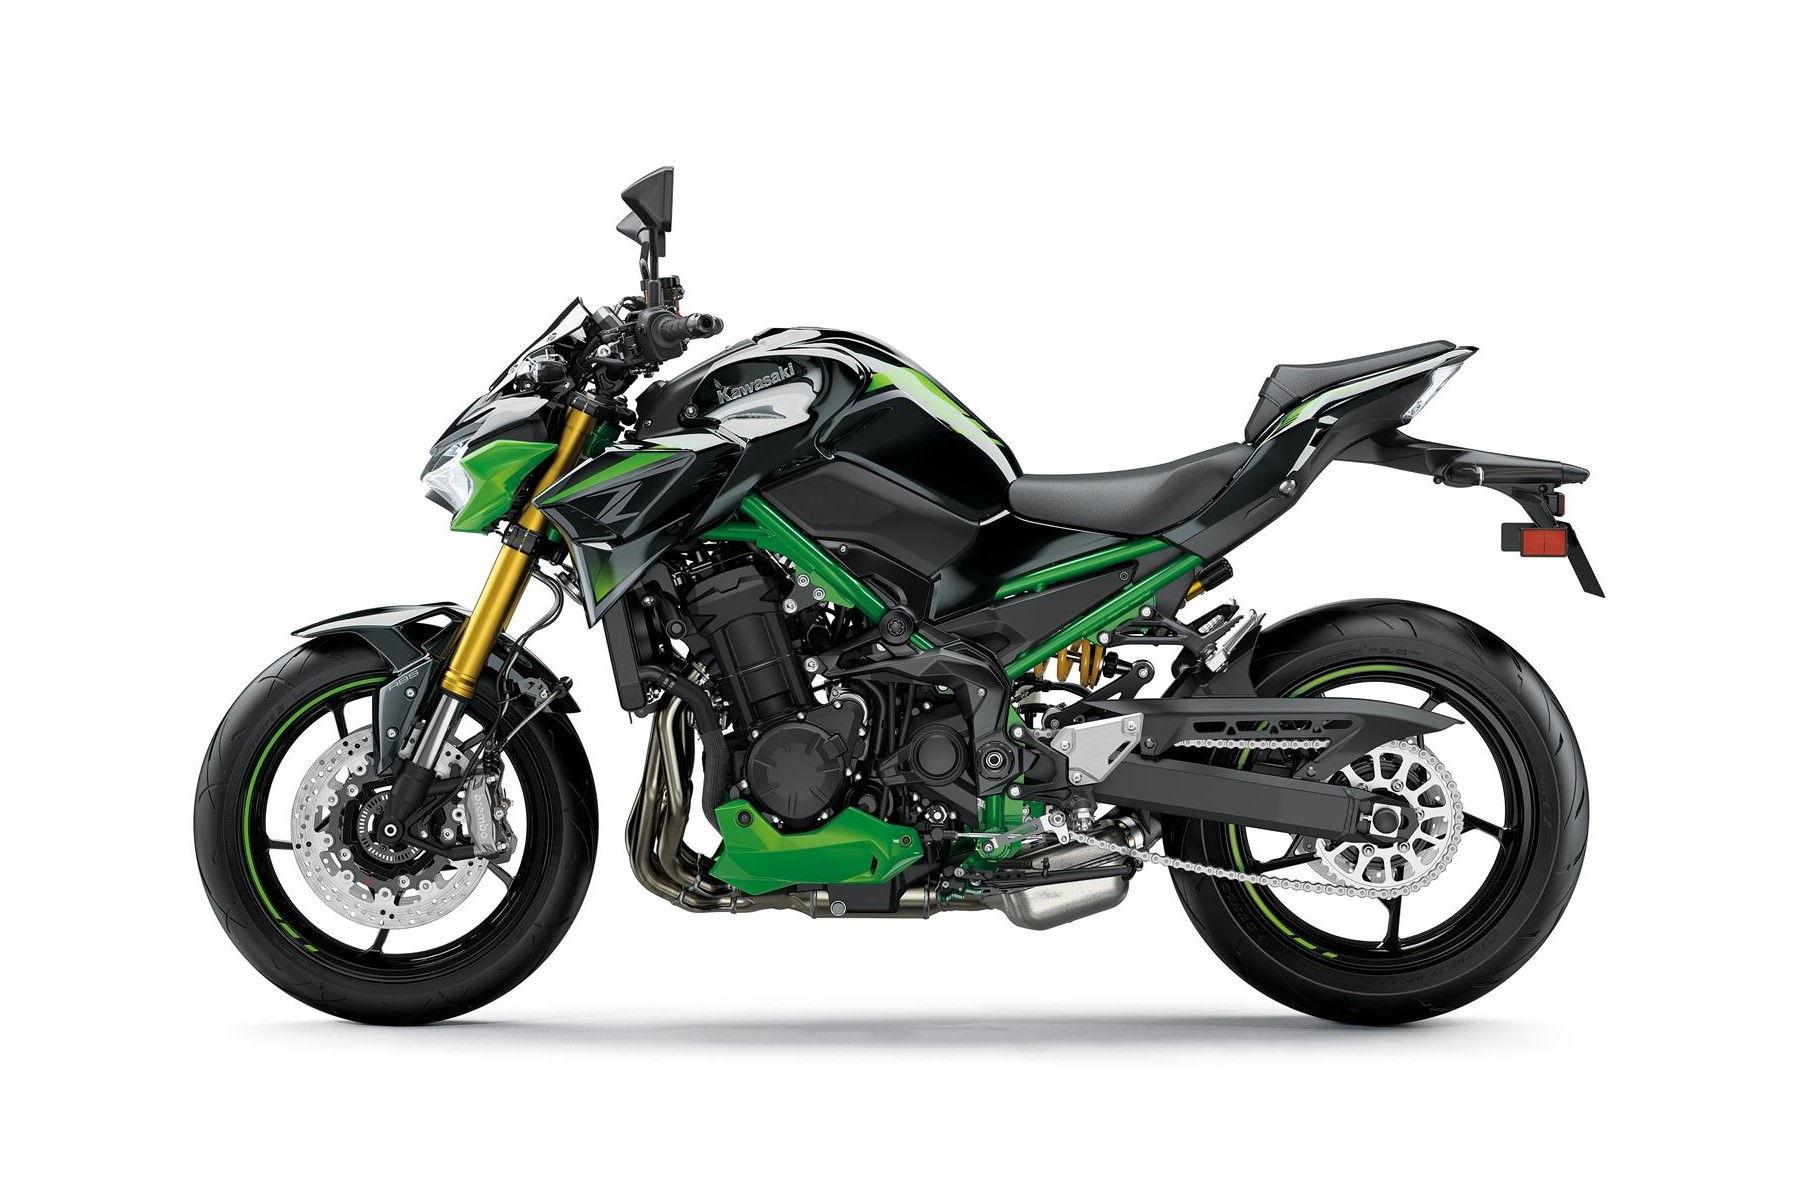 2022 Kawasaki Z900 Se Left Side